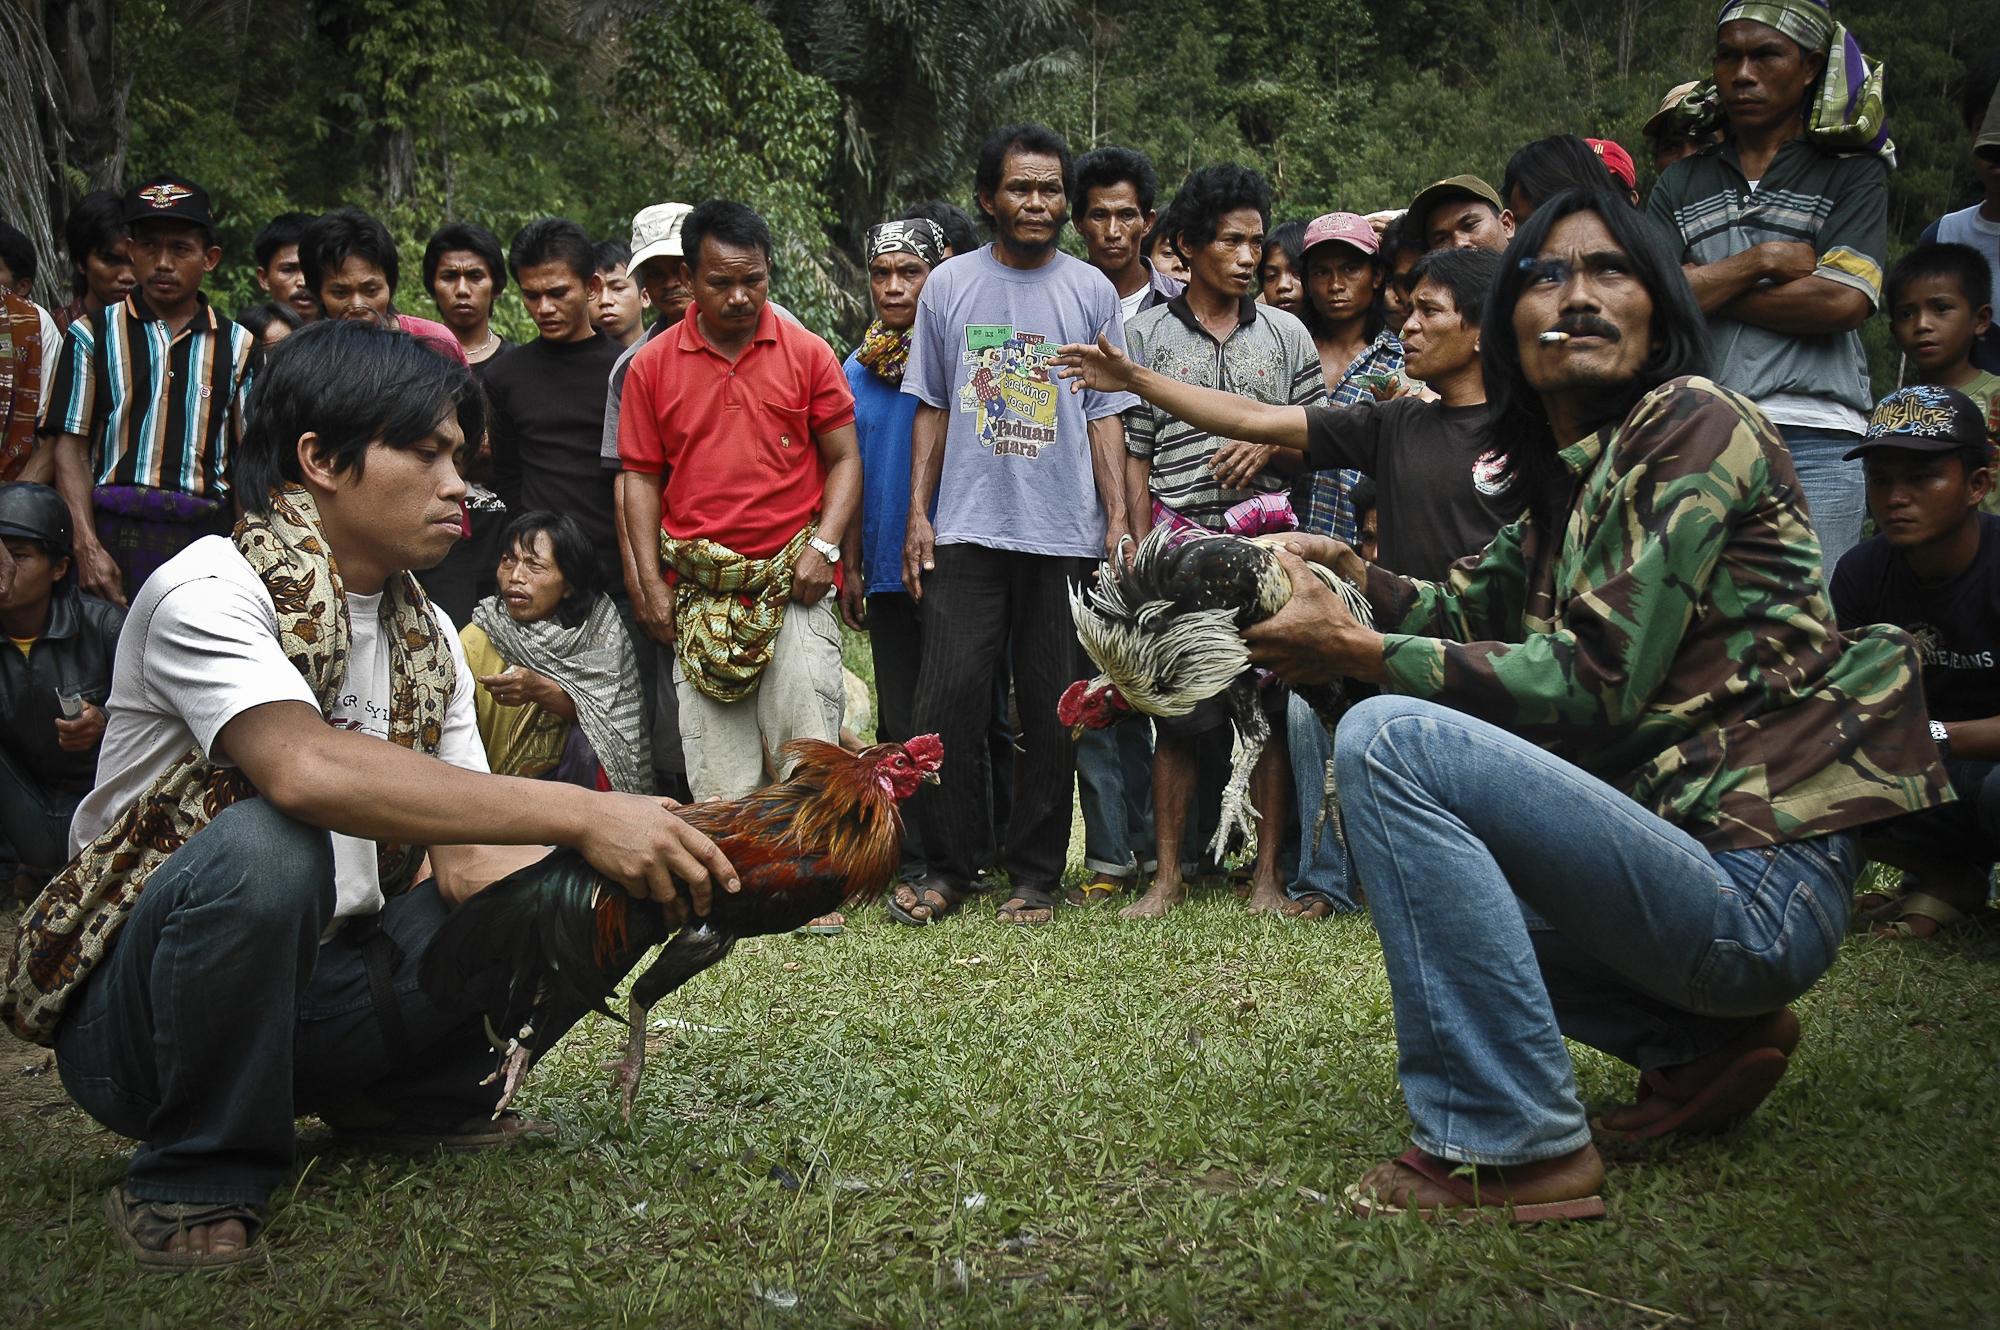 Walki kogutów na wyspie Sulawesi, fot. Anna Lewańska